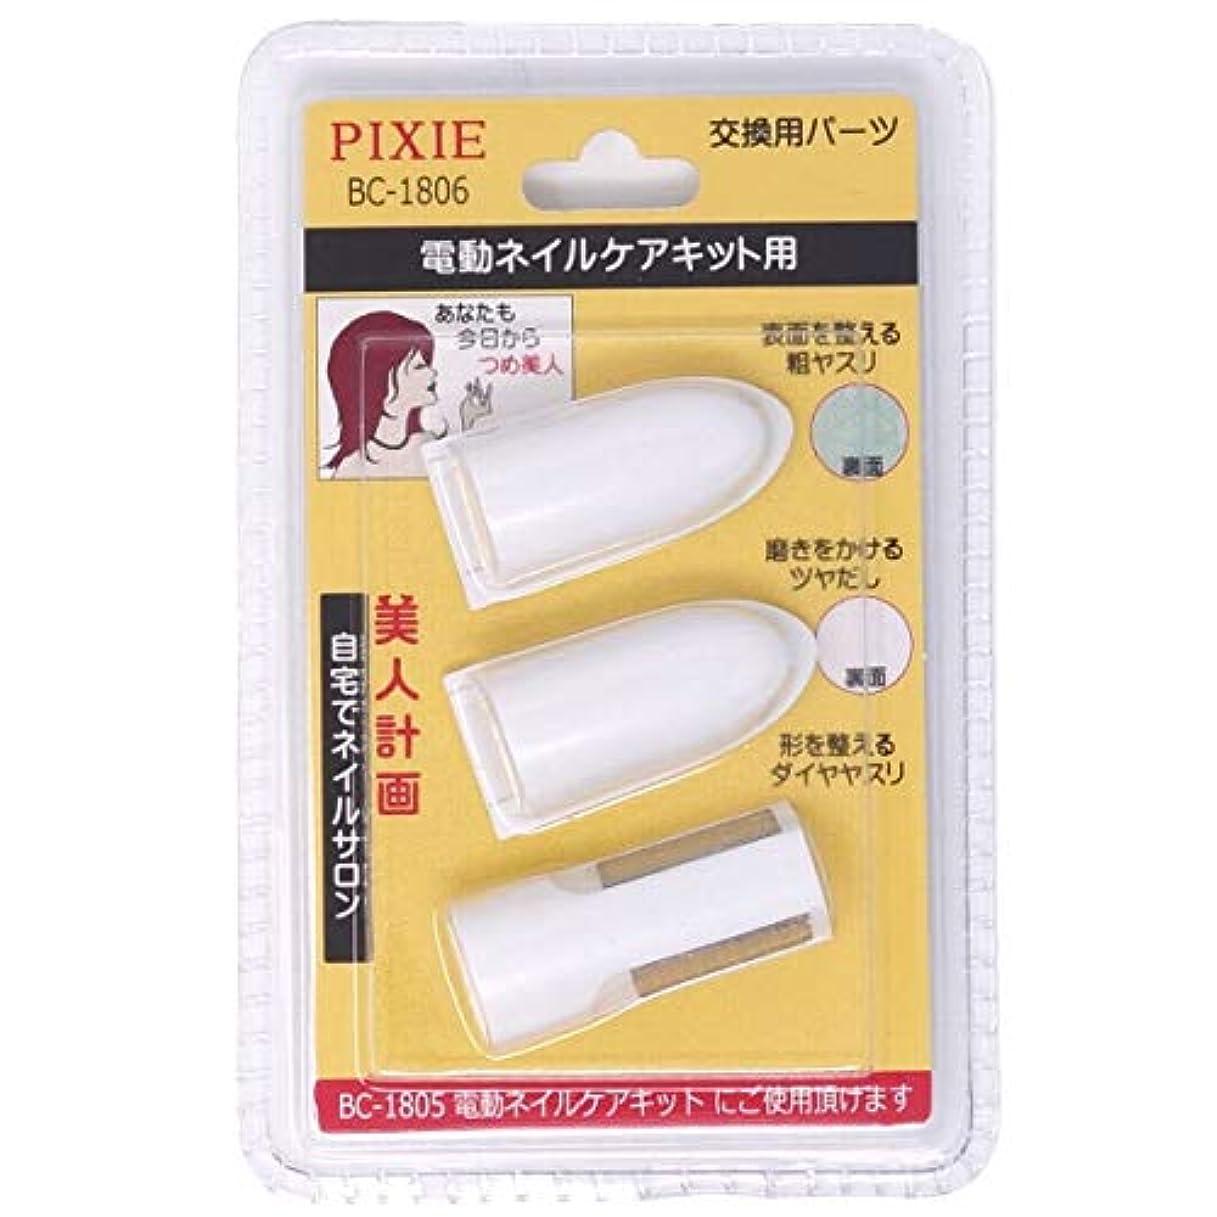 エロチックオーケストラうるさい爪美人 電動ネイルケアキット用 交換パーツセット PIXIE BC-1807